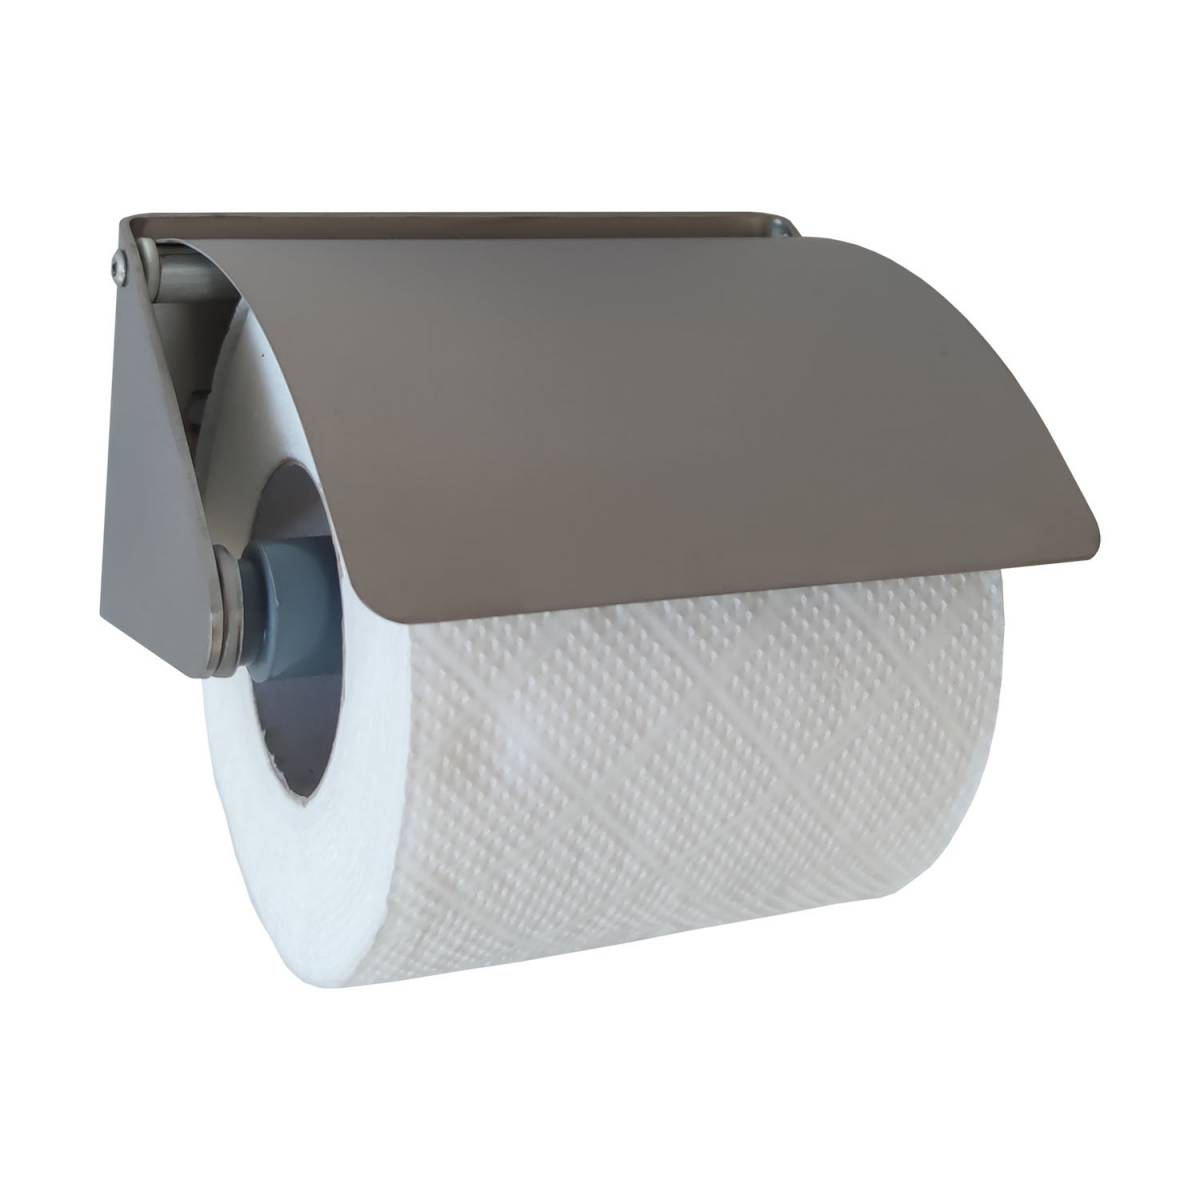 Держатель бумаги туалетной, нержавеющая сталь 222300 Noksi